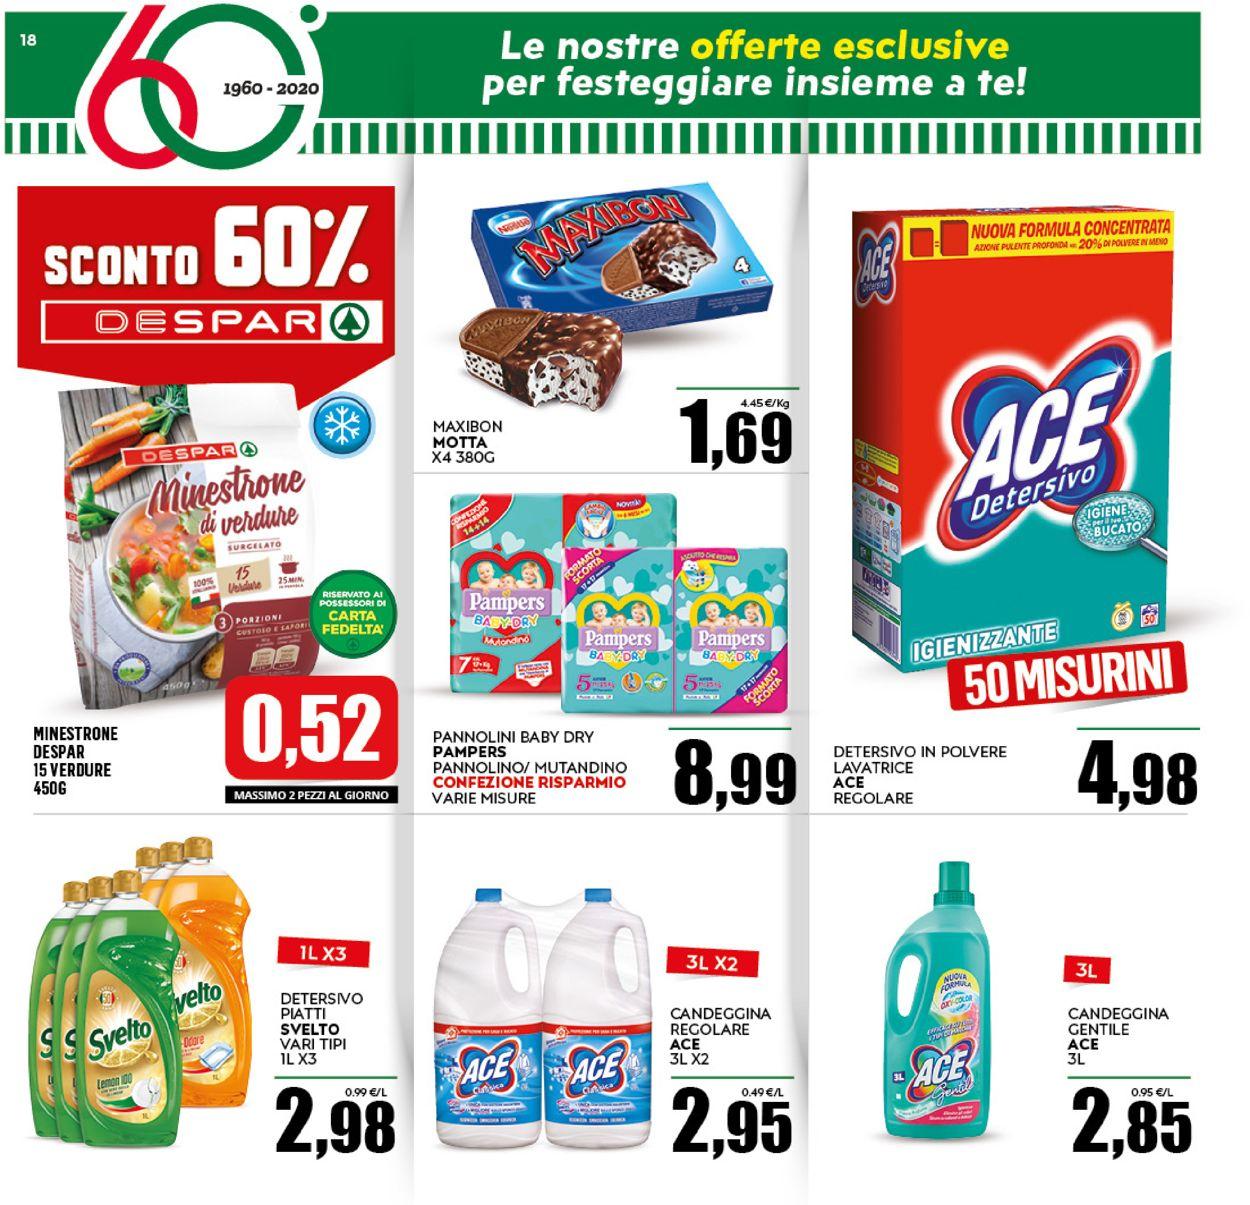 Volantino Despar - Offerte 16/09-27/09/2020 (Pagina 18)